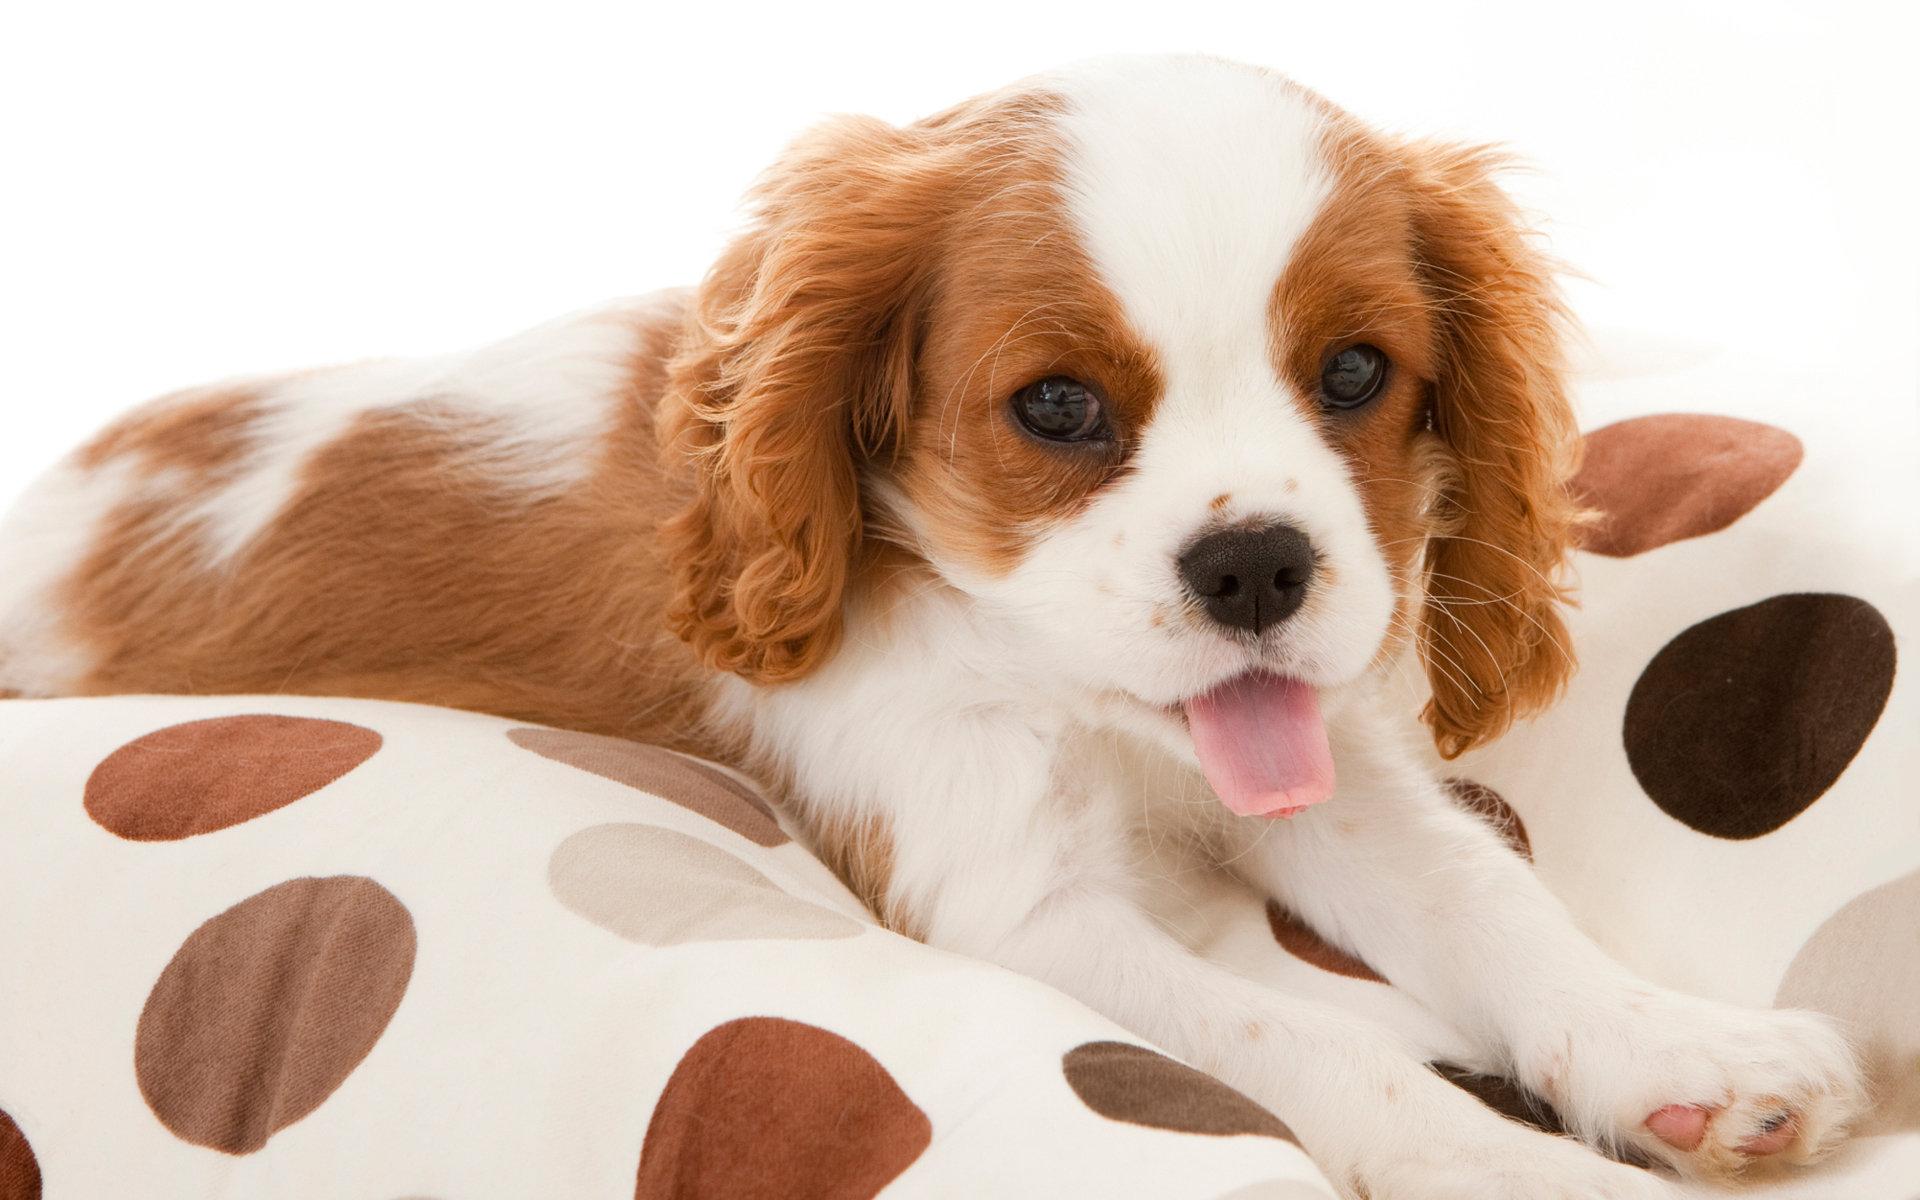 宠物趣闻 狗狗驱完虫拉稀带血,狗狗驱虫后拉肚子